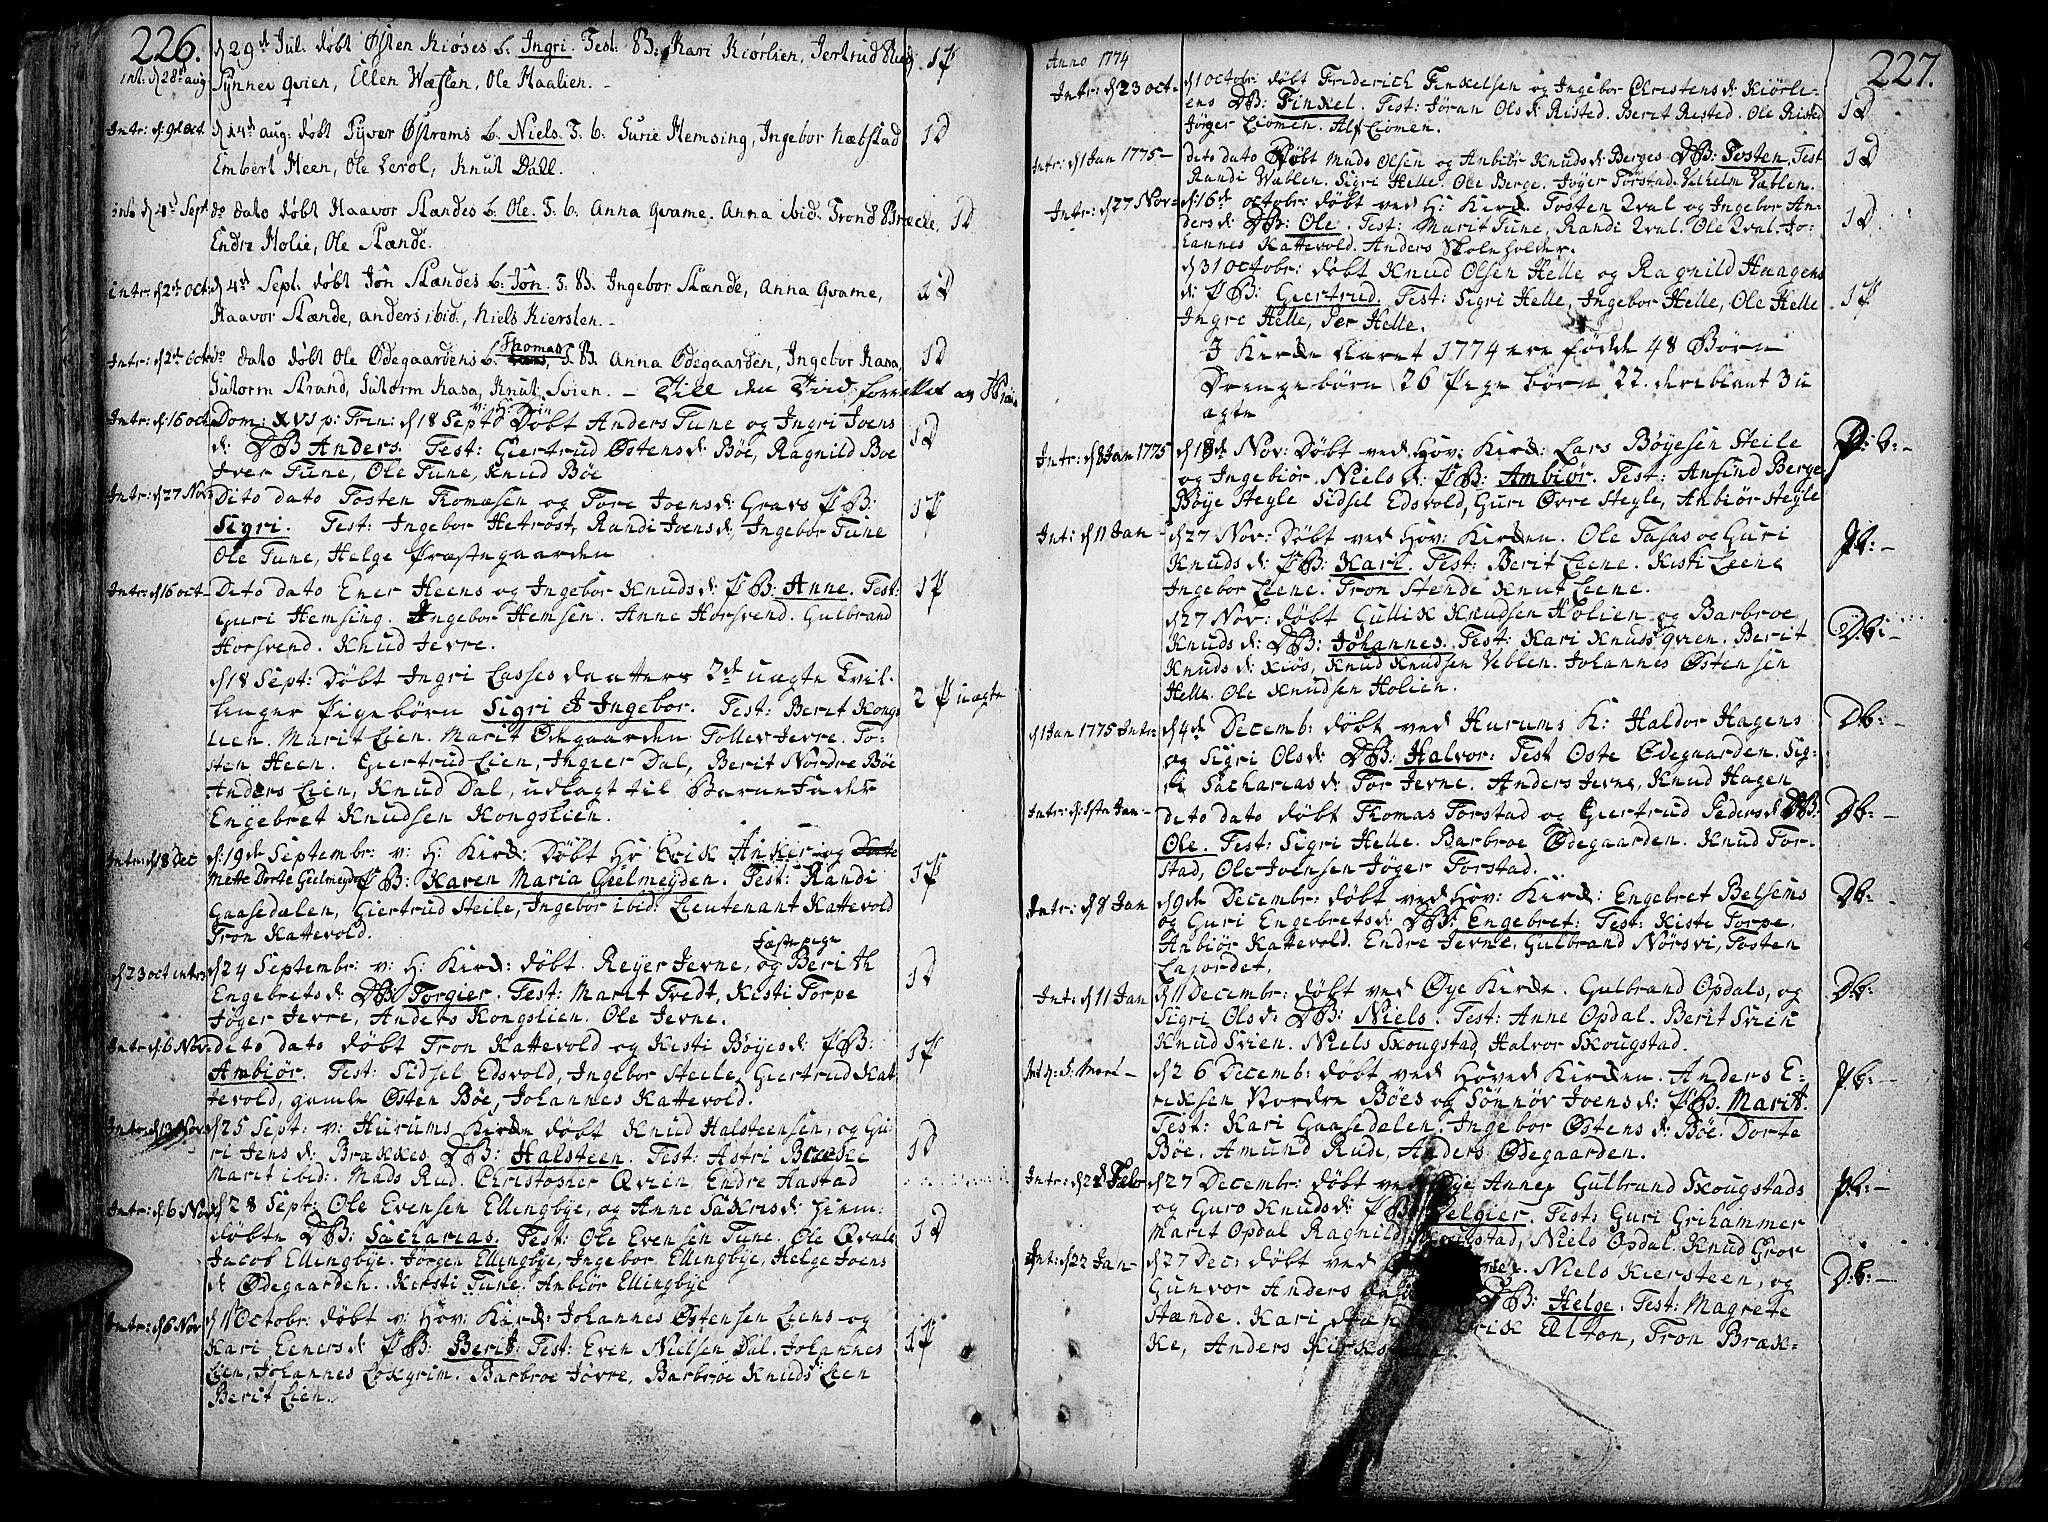 SAH, Vang prestekontor, Valdres, Ministerialbok nr. 1, 1730-1796, s. 226-227